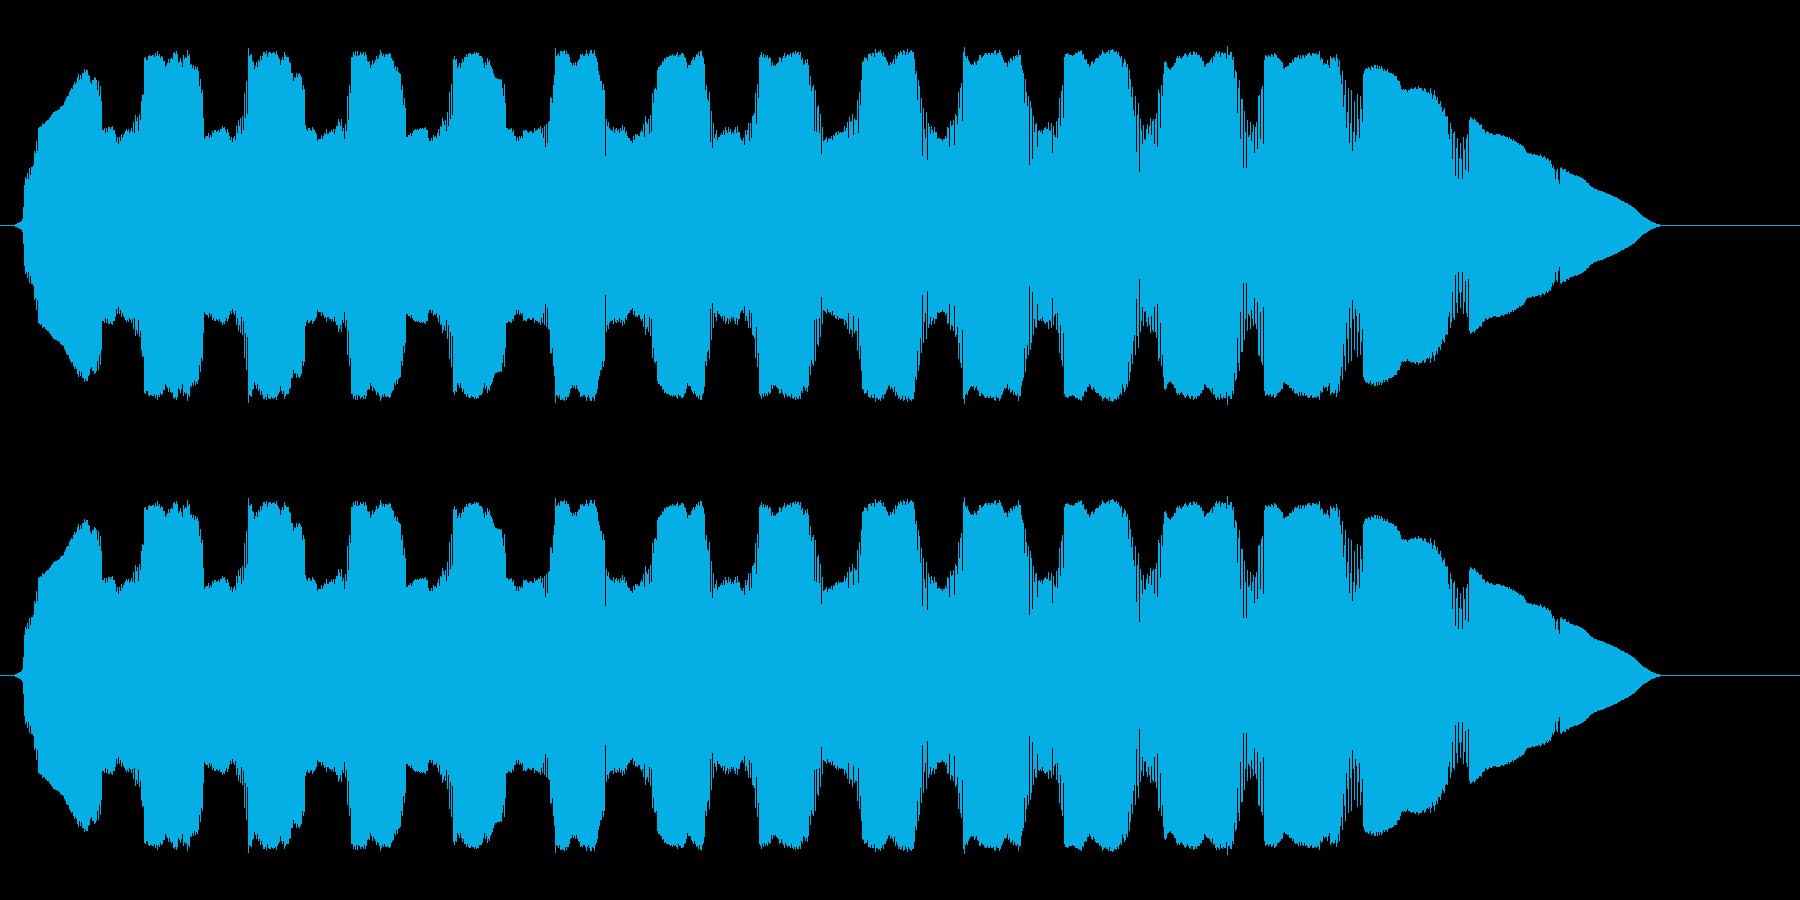 ピロピロピューンUFOの高音のループ音の再生済みの波形